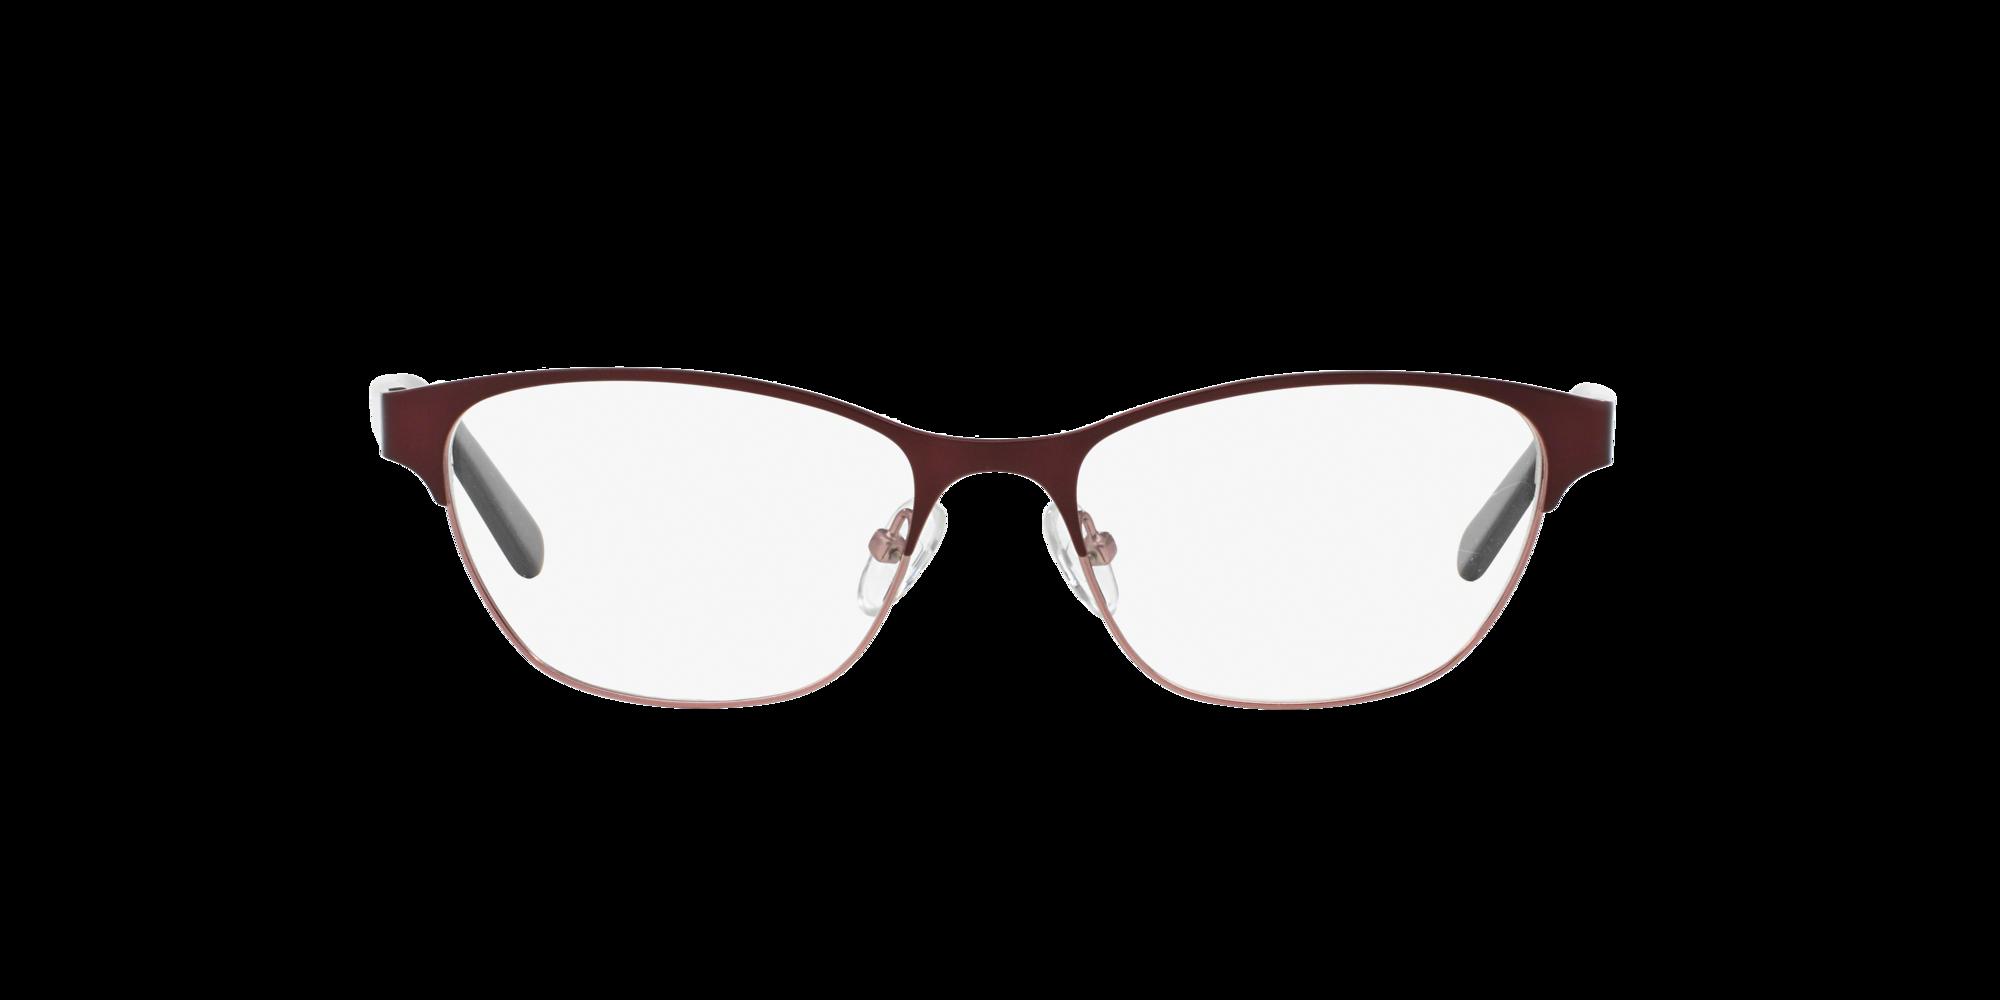 Imagen para TY1015 de LensCrafters |  Espejuelos, espejuelos graduados en línea, gafas